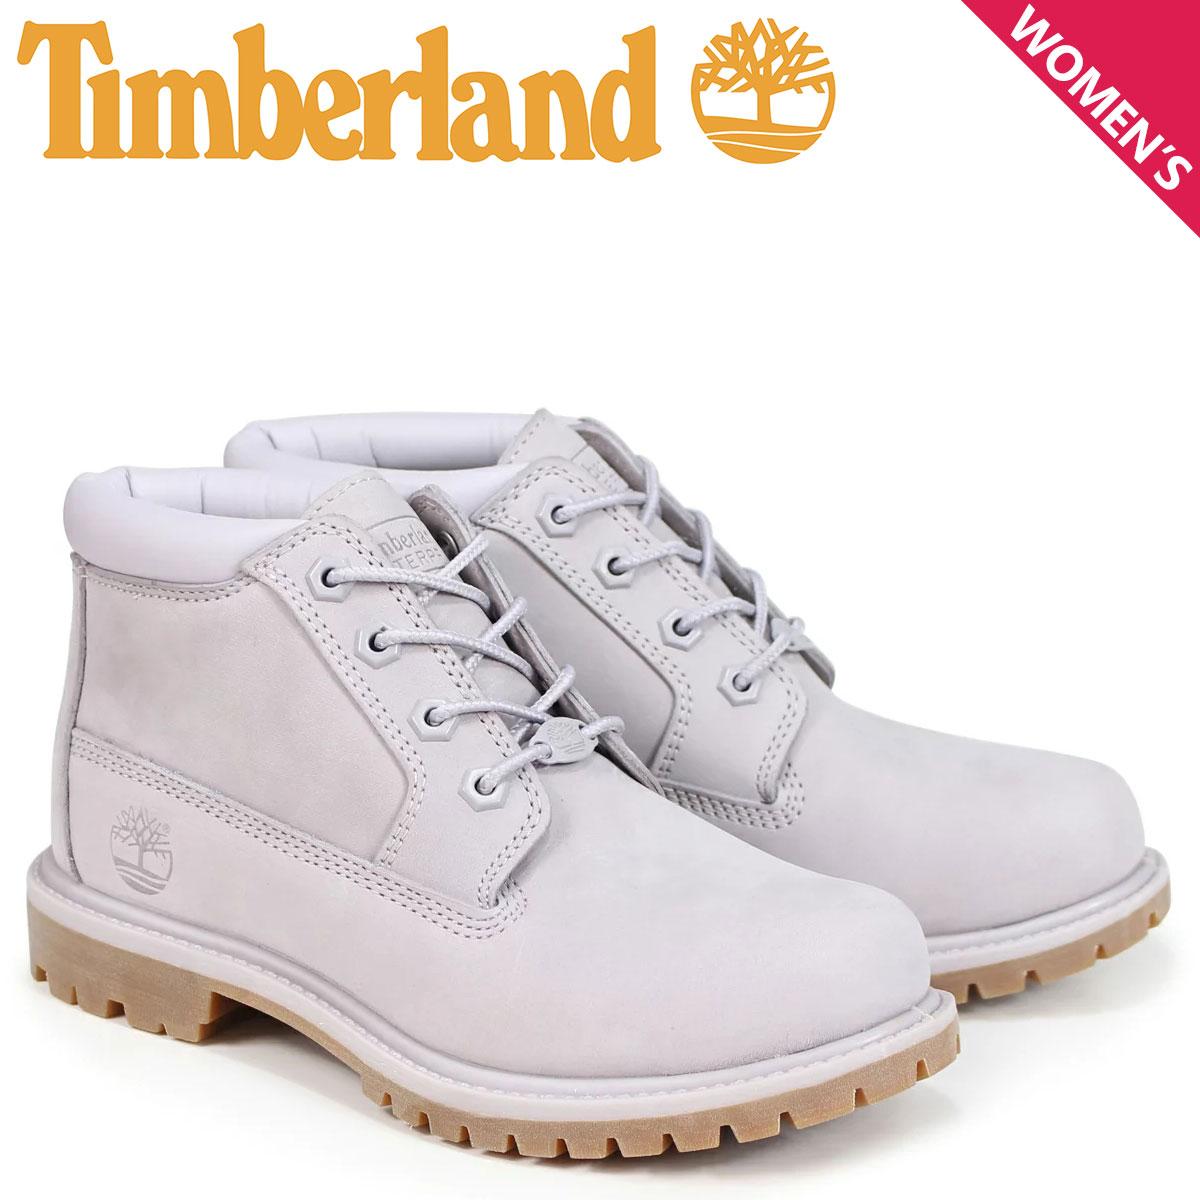 ティンバーランド チャッカ レディース Timberland ブーツ NELLIE CHUKKA DOUBLE A1S7R Wワイズ ライトグレー